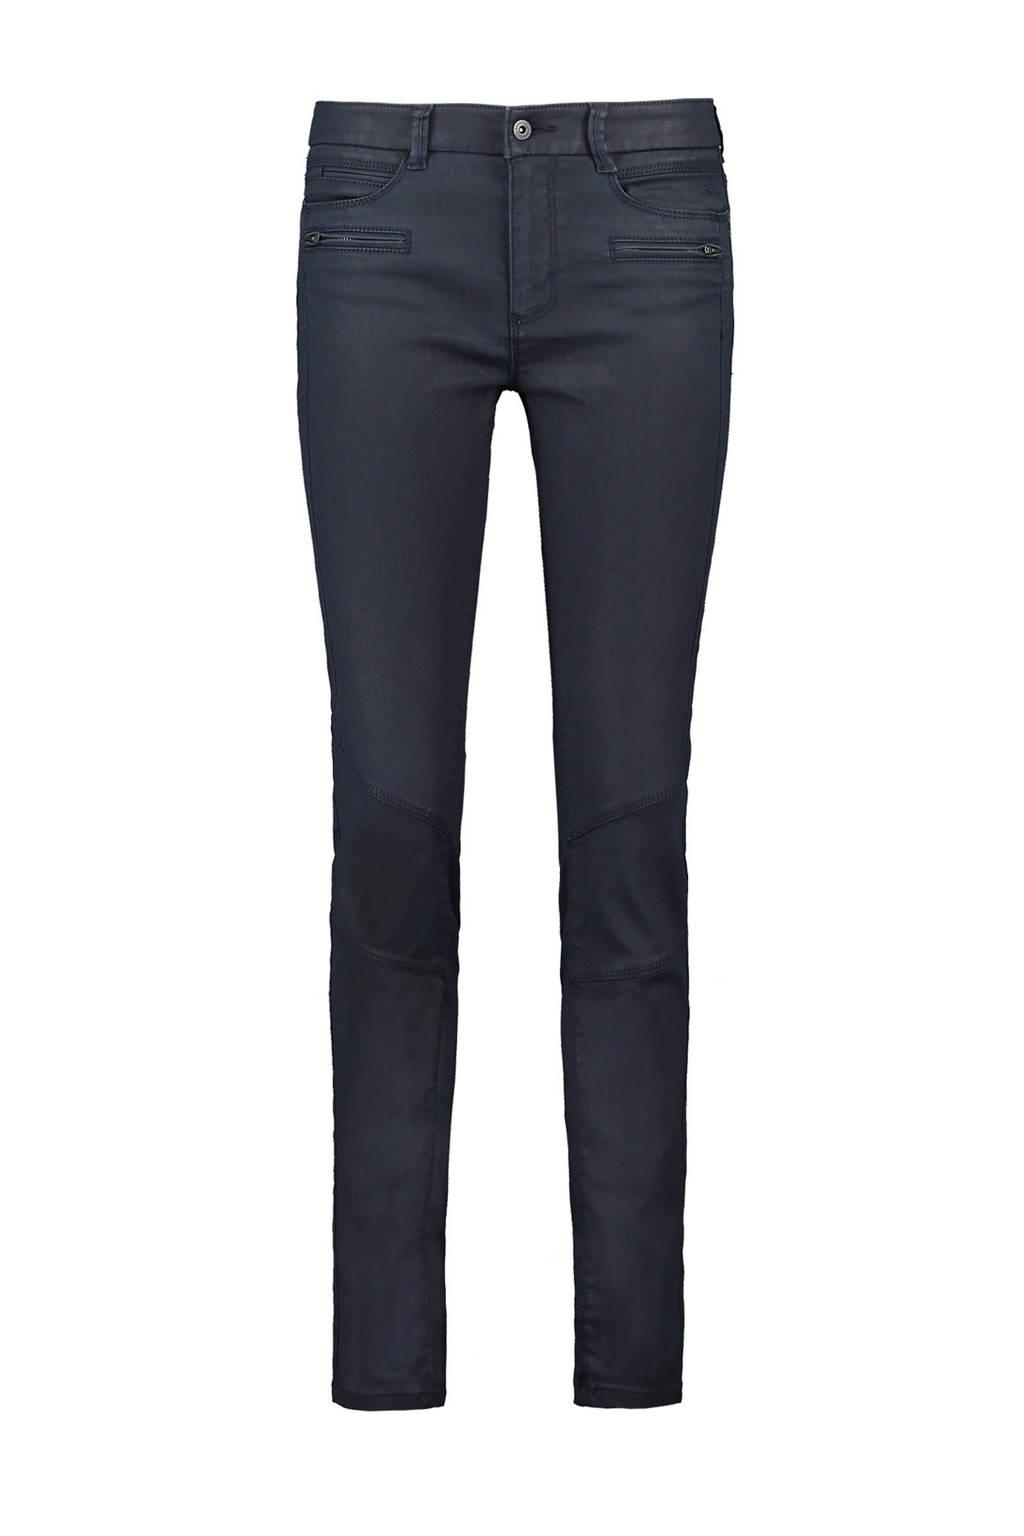 Expresso coated slim fit broek Amanda staalblauw, Staalblauw